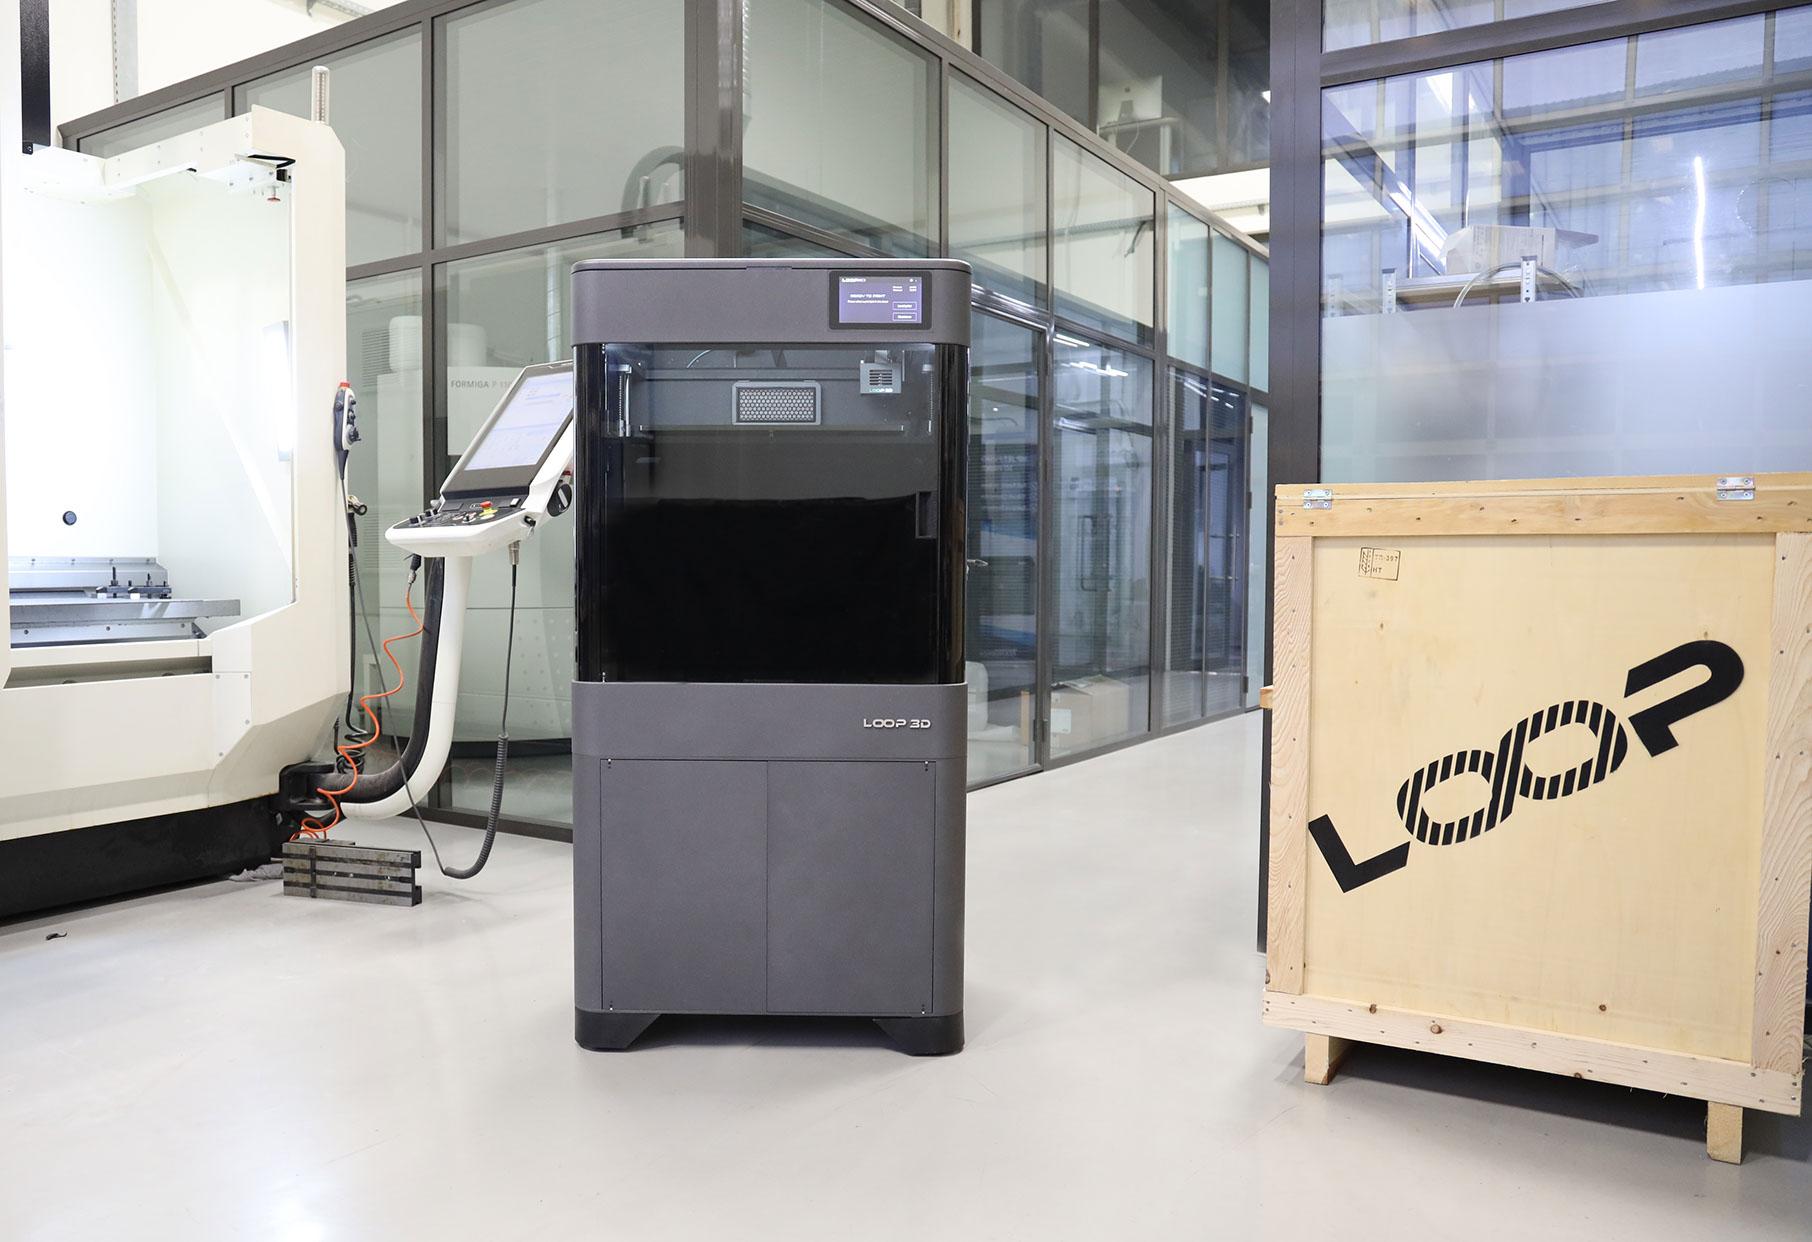 The LOOP PRO 3D printer. Photo via LOOP 3D.